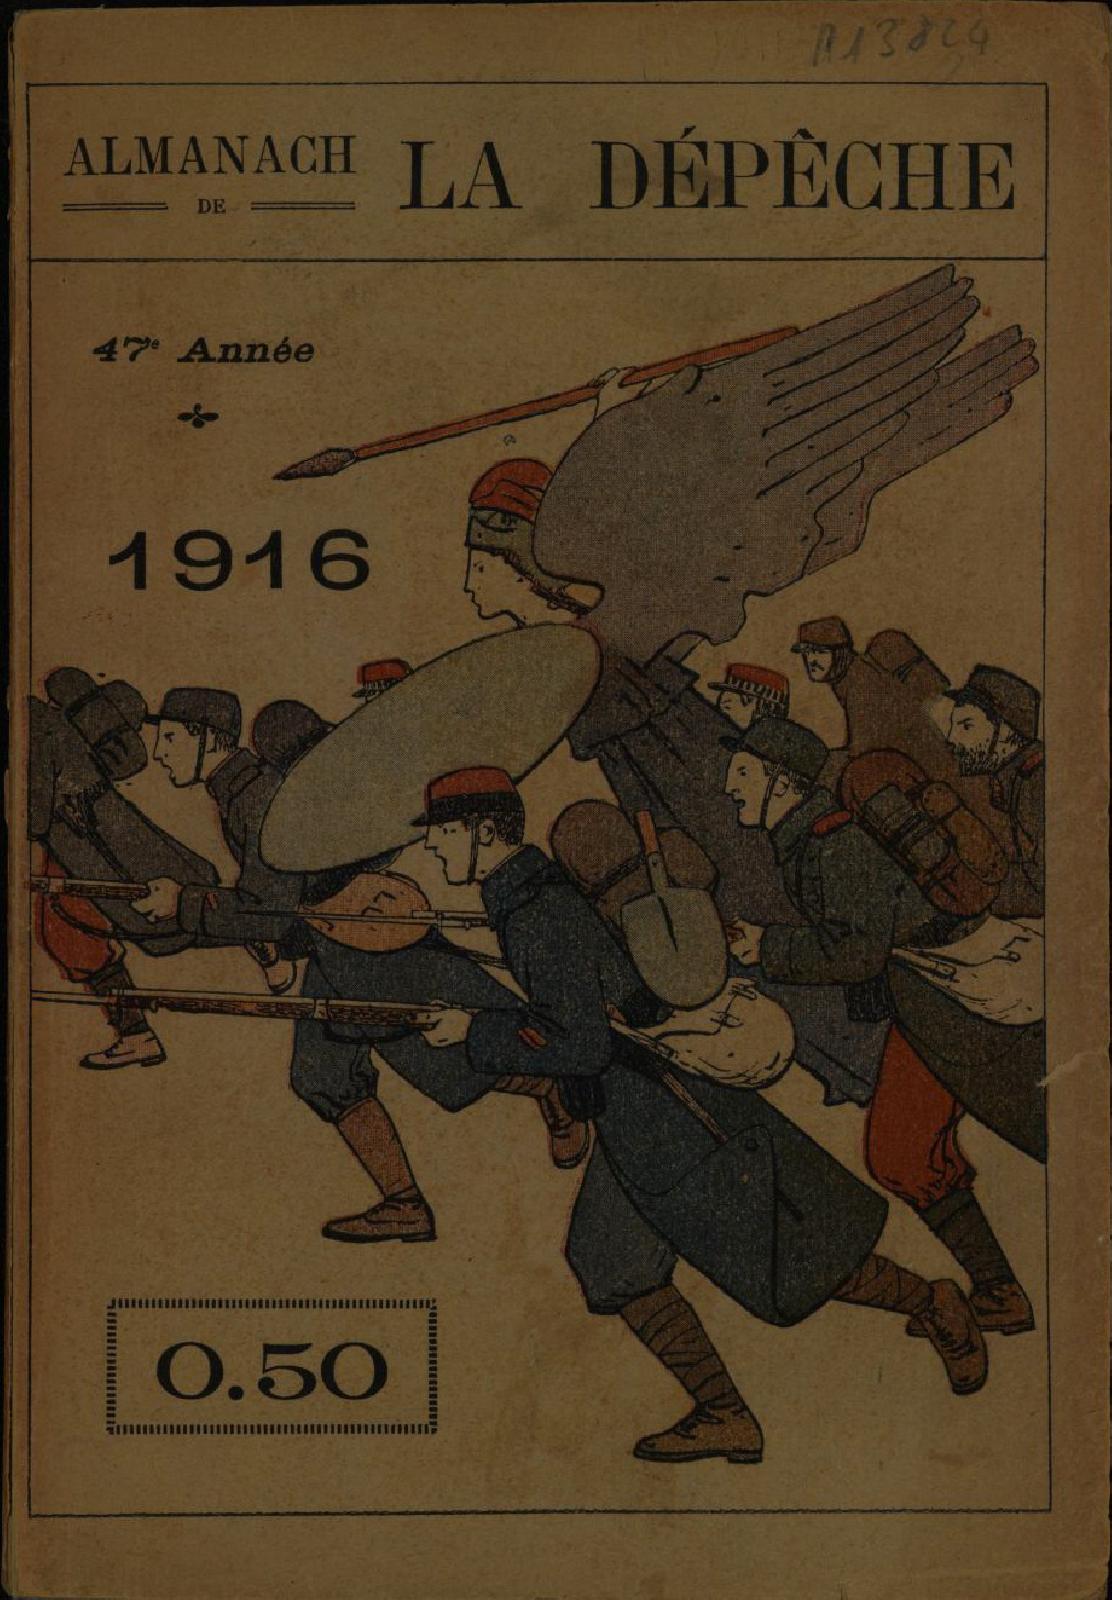 Almanach de La Dépêche